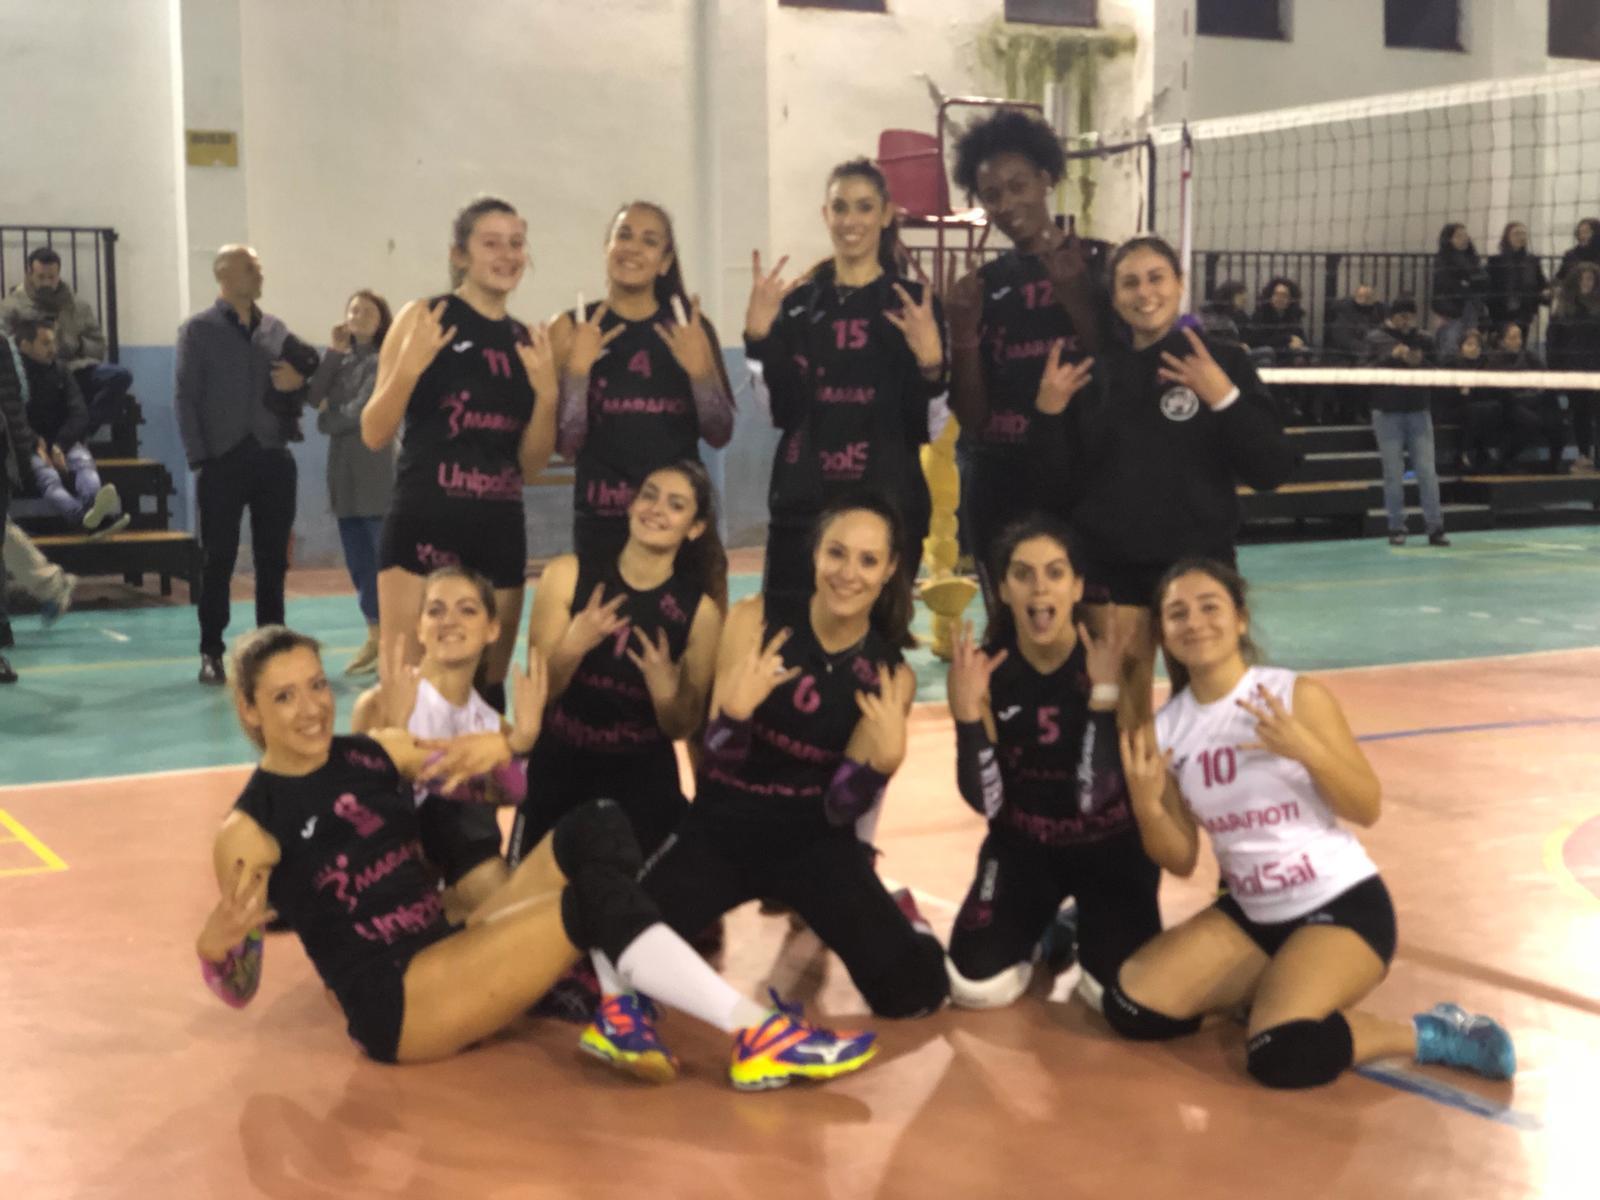 Serie A Pallavolo Femminile Calendario.Volley Femminile Serie C La Nuova Capolista Si Chiama Dea